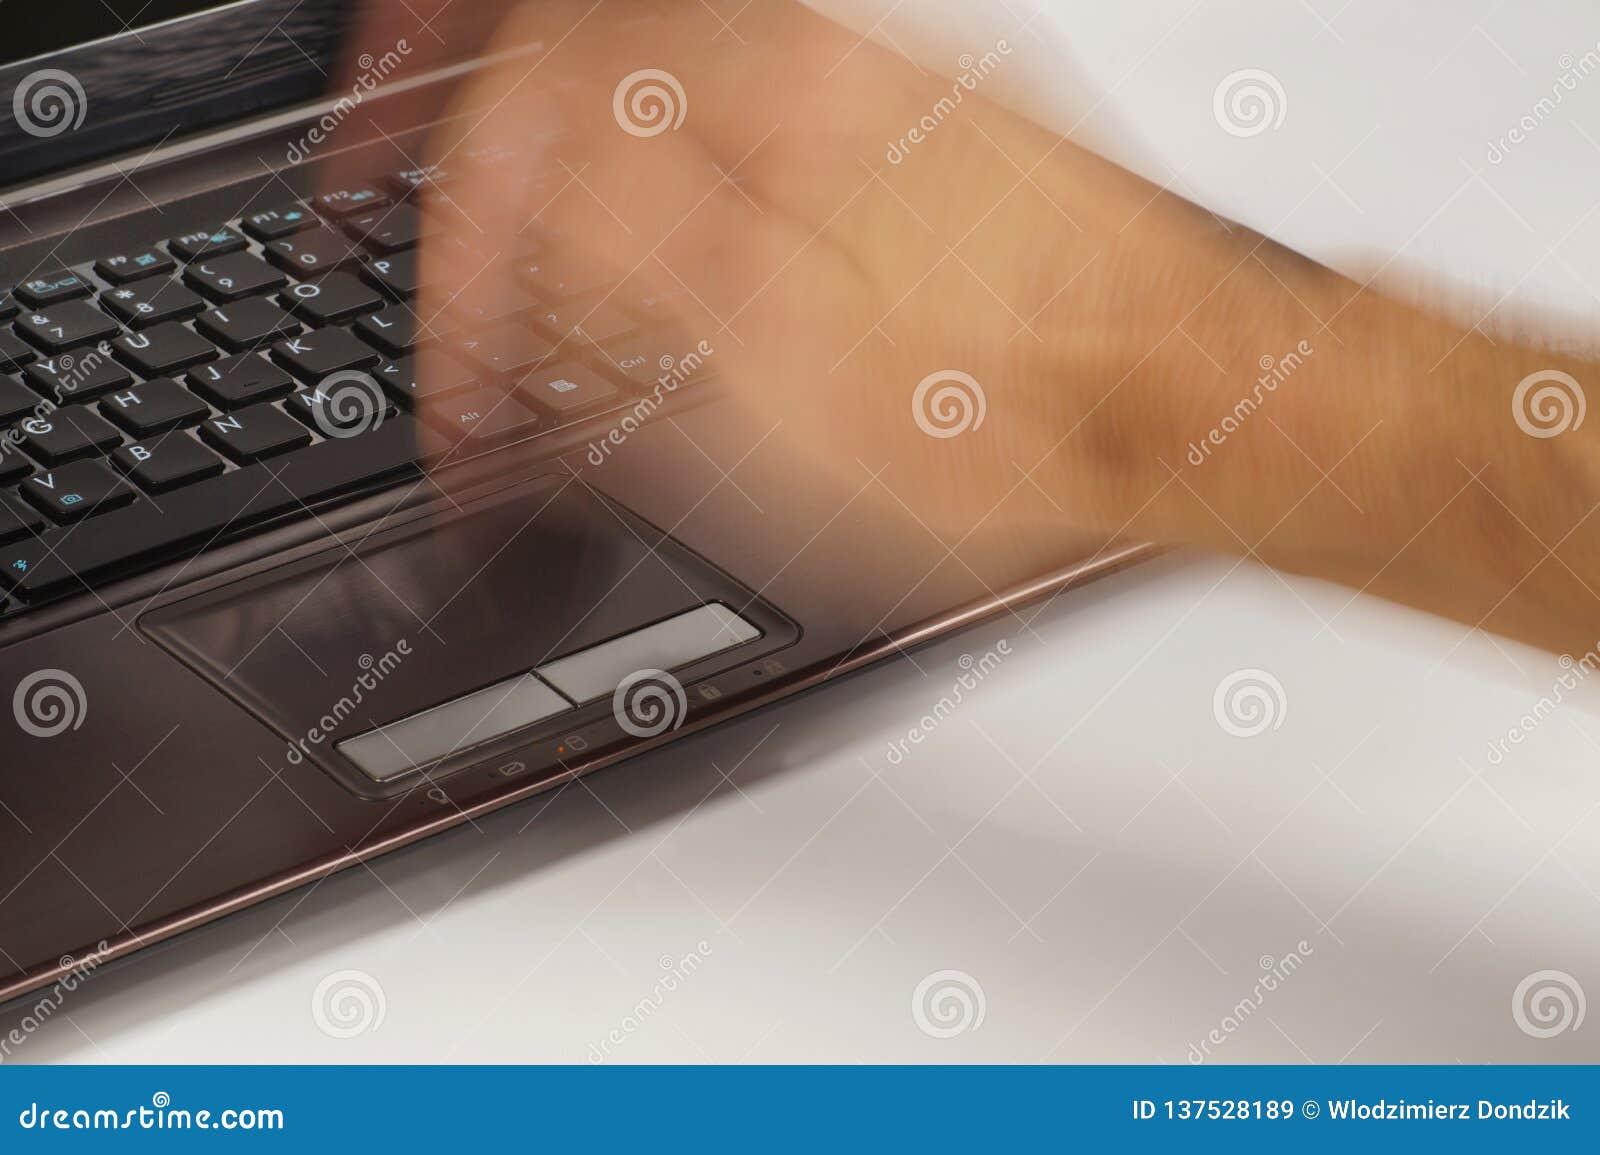 El ordenador no quiere trabajar correctamente Una mano masculina que pega violentamente un panel táctil del ordenador portátil